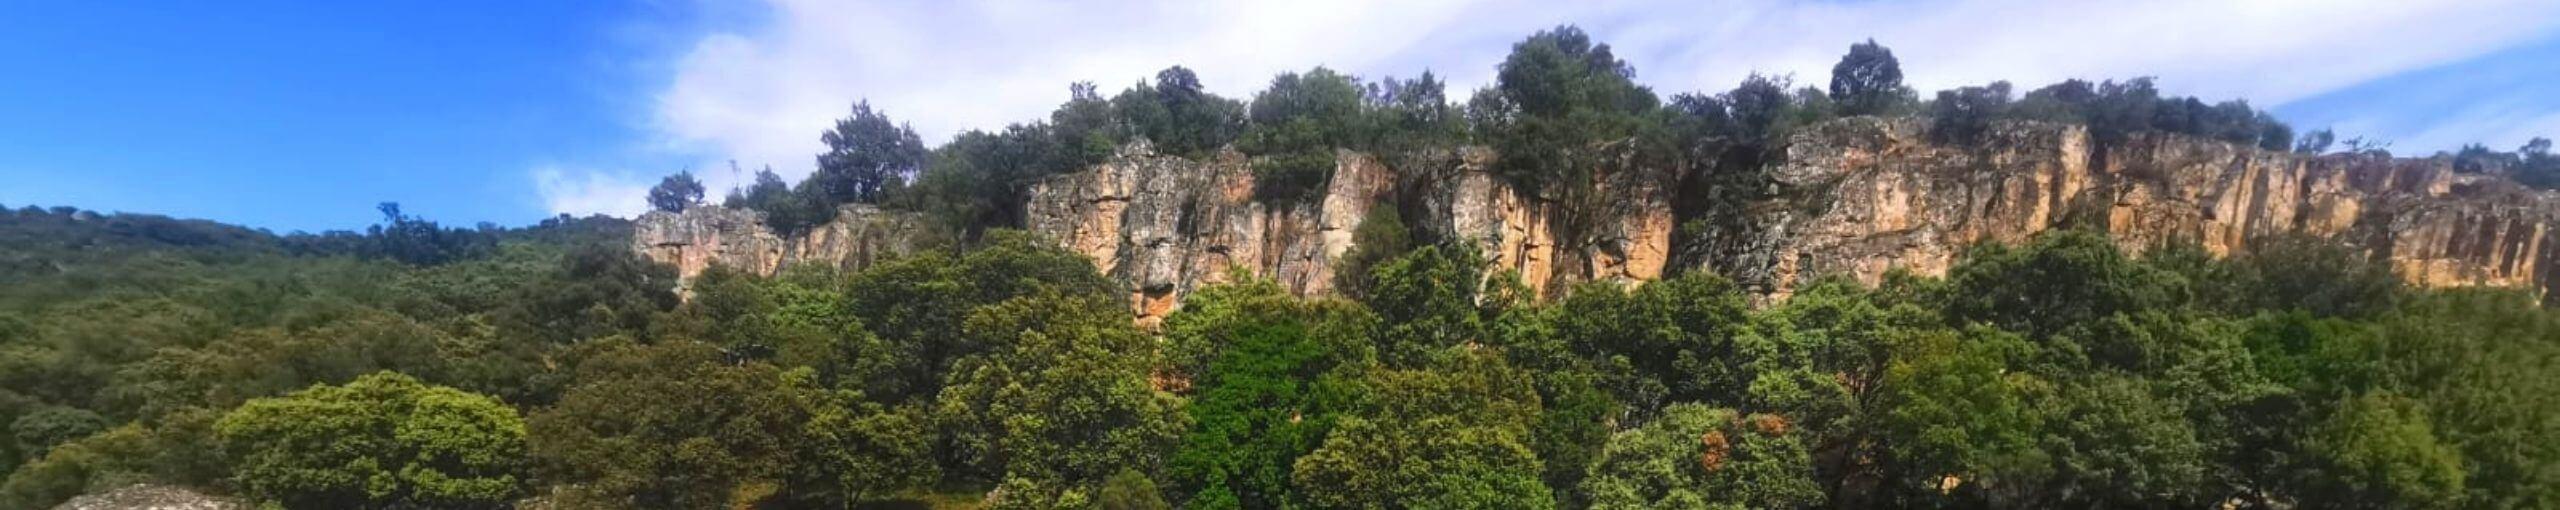 Parque Natural Valle de Alcudia y Sierra Madrona. Ciudad Real, Castilla La Mancha.